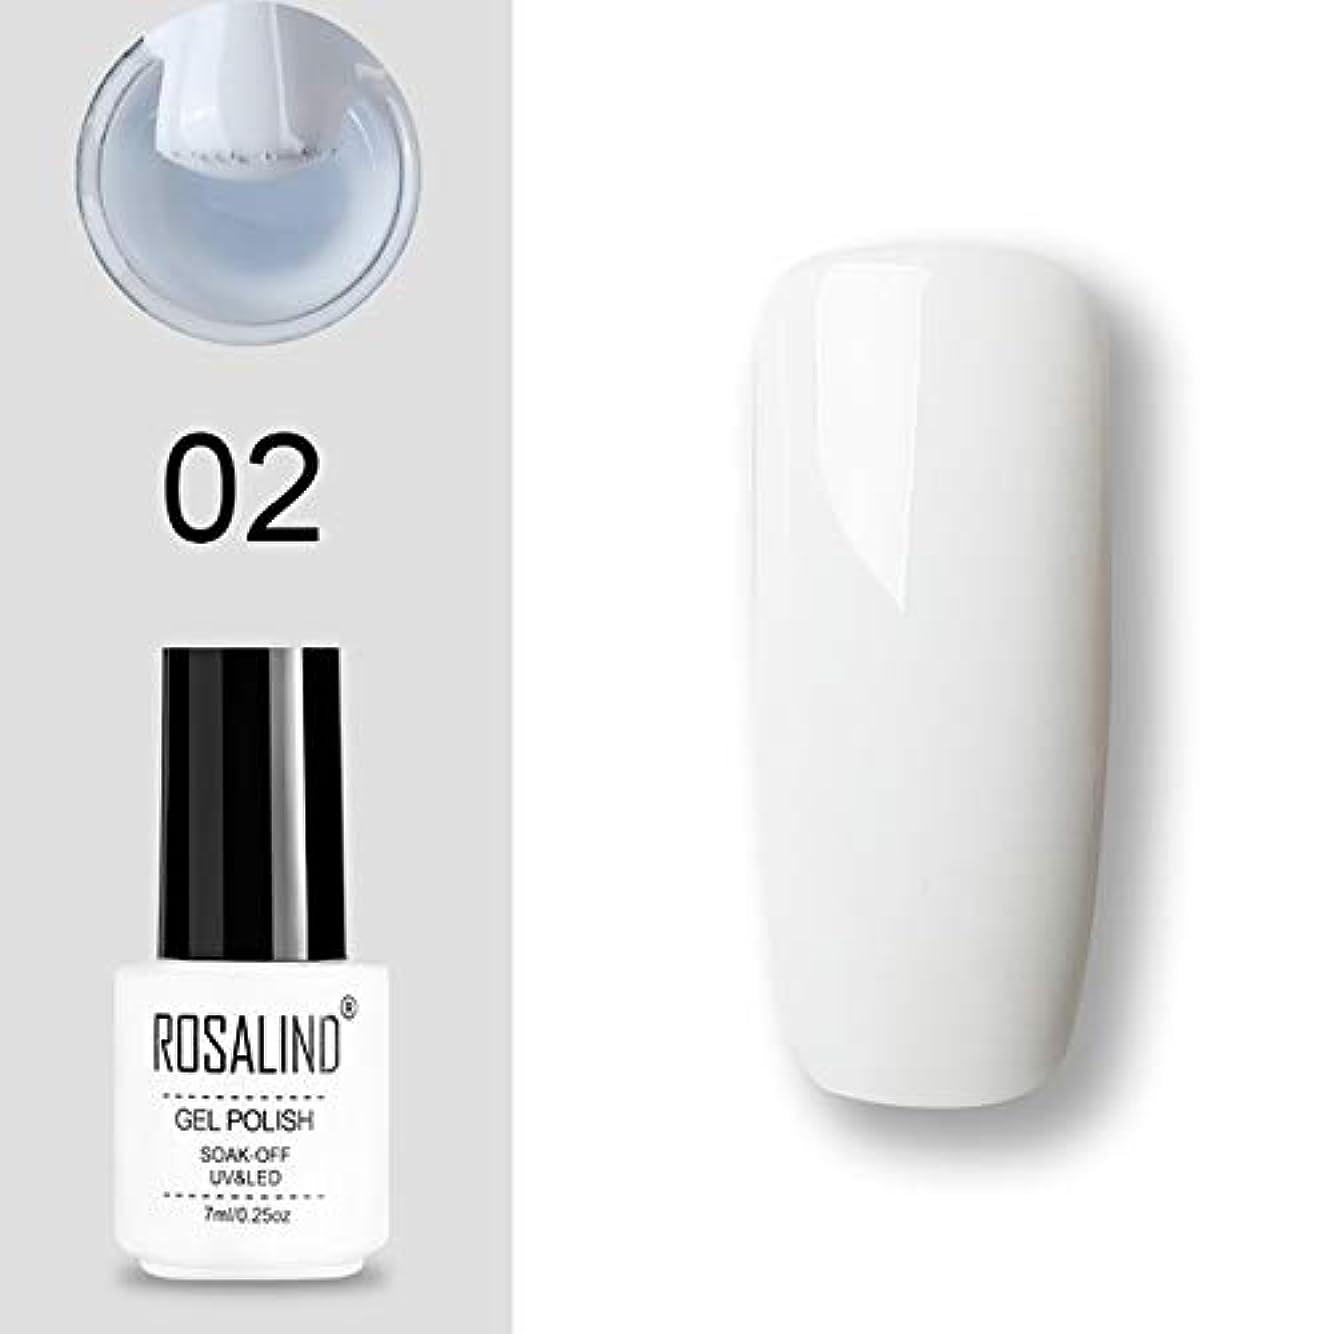 対応する抜粋間隔ファッションアイテム ROSALINDジェルポリッシュセットUV半永久プライマートップコートポリジェルニスネイルアートマニキュアジェル、容量:7ミリリットル02ソリッドカラーネイルグルー、 環境に優しいマニキュア